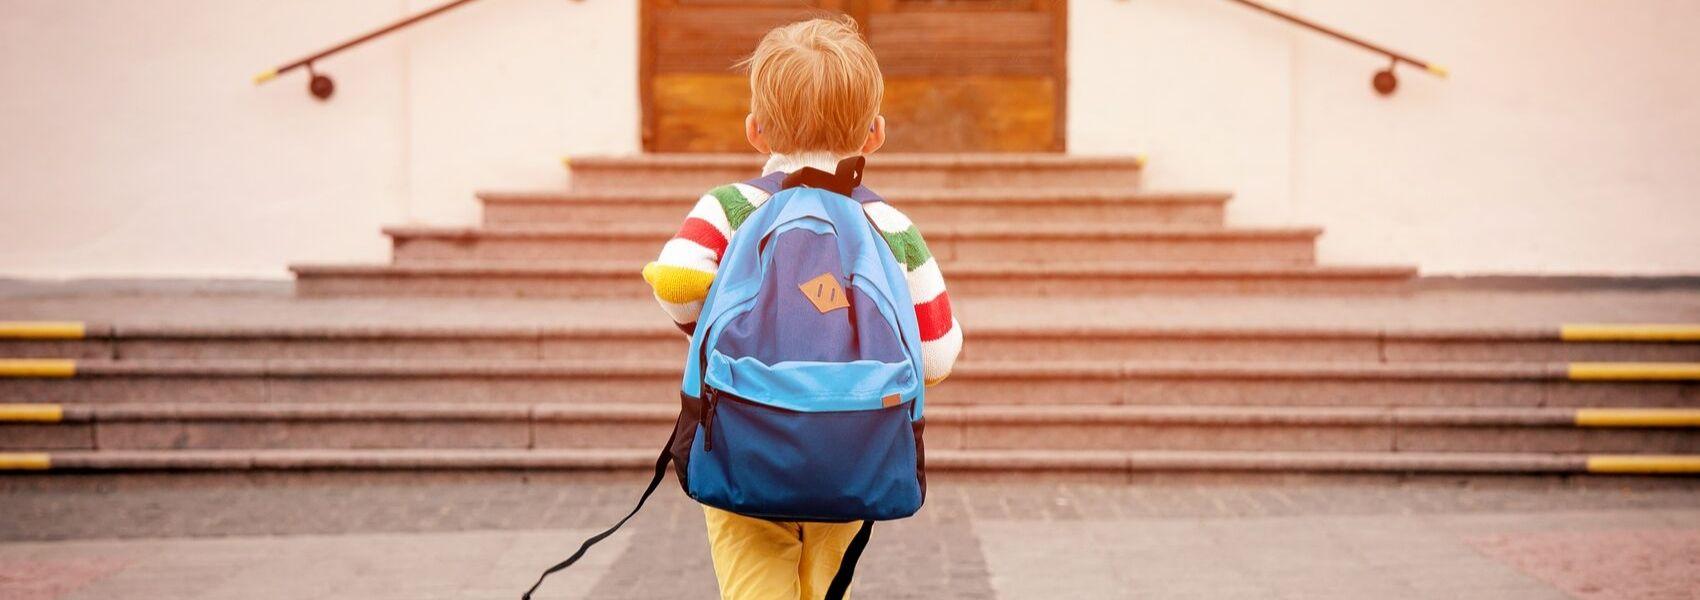 As costas das meninas sofrem mais com o peso das mochilas do que as dos meninos